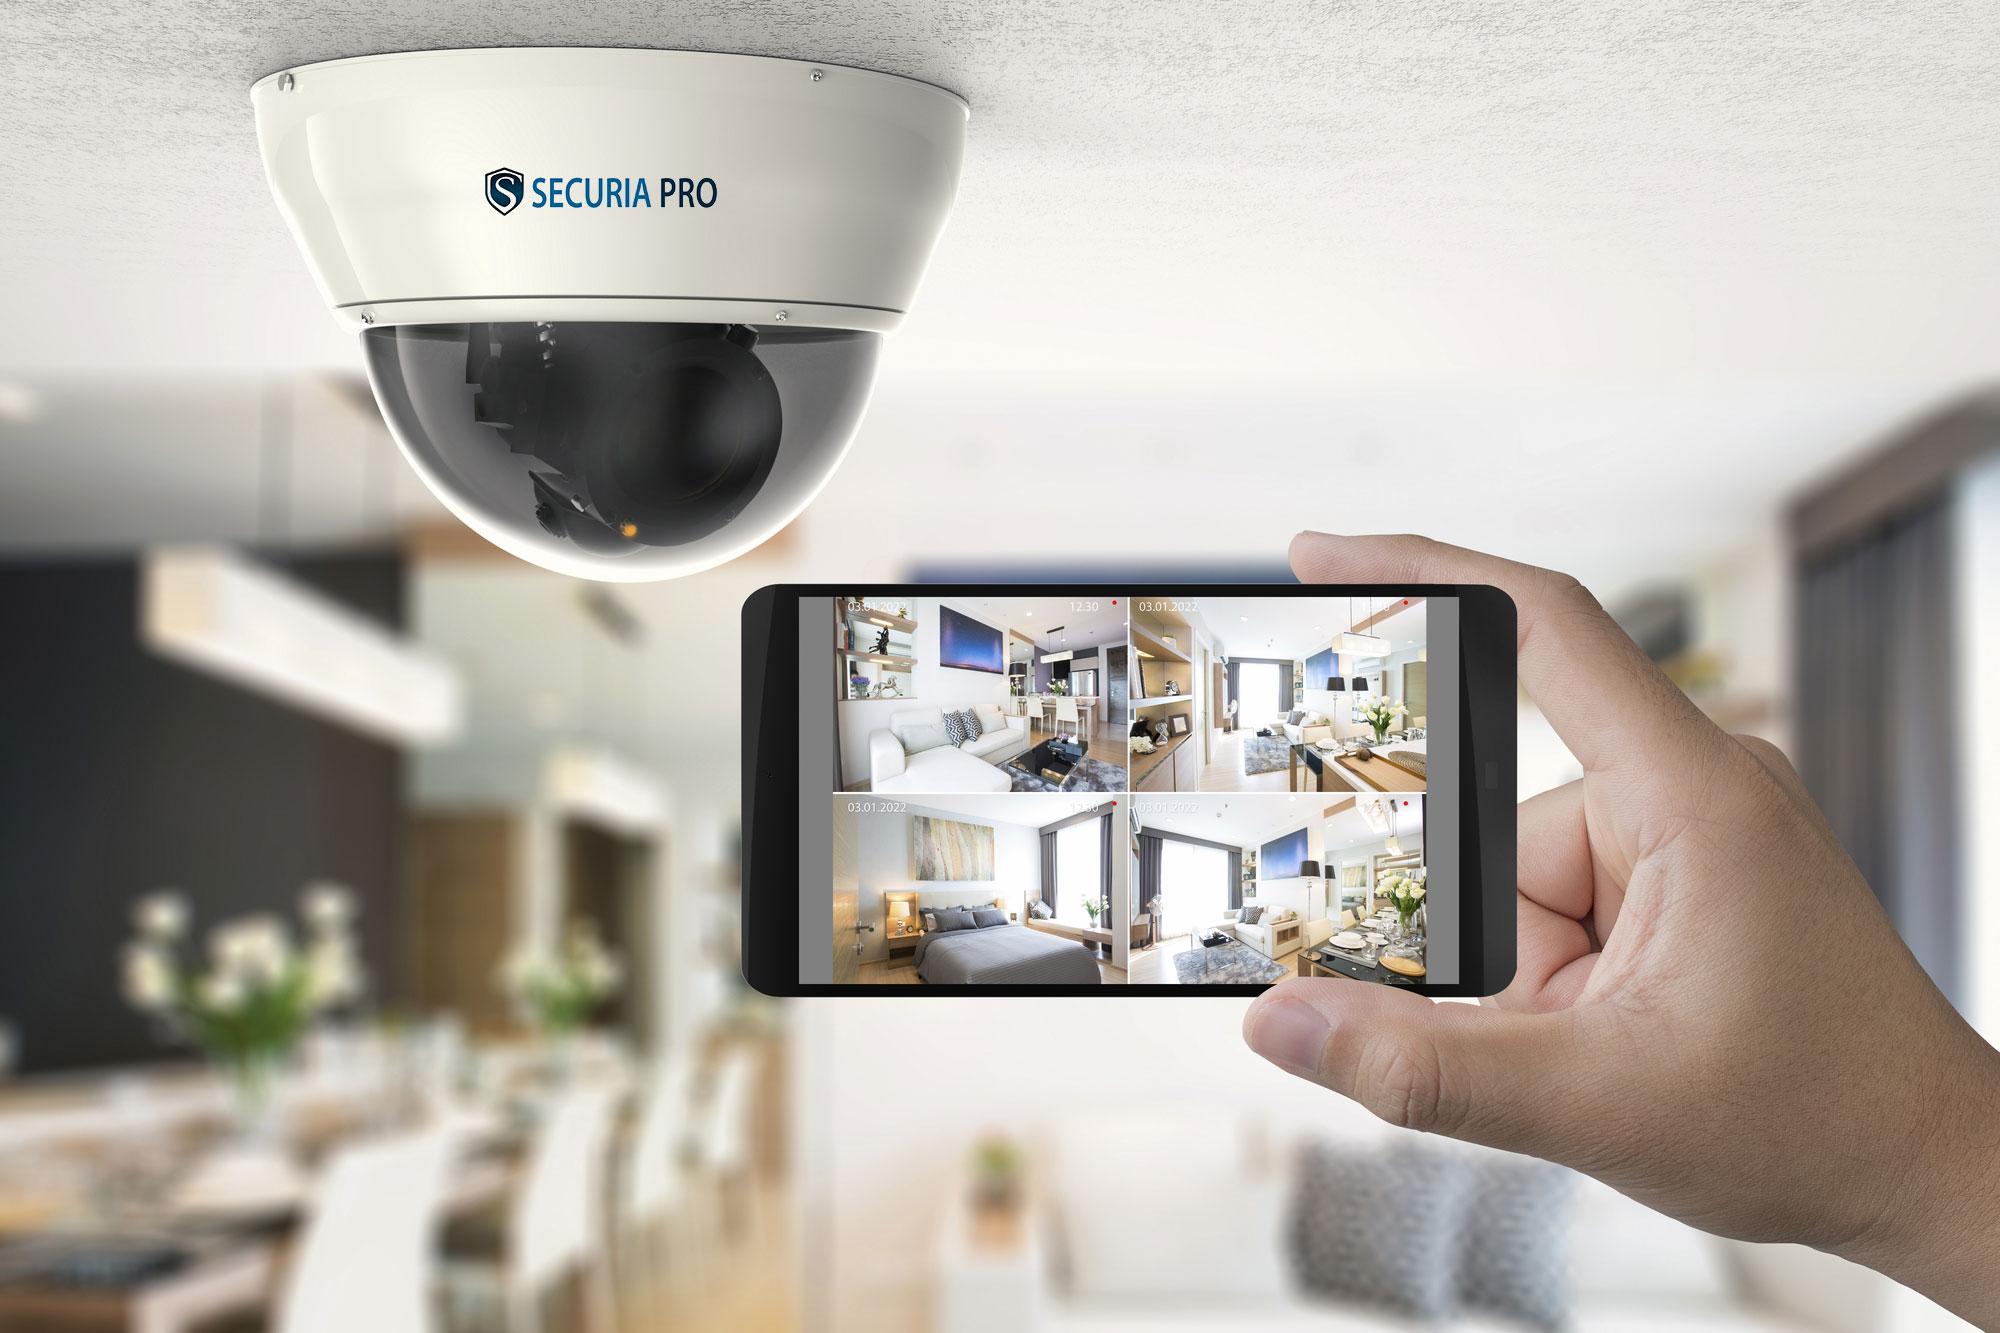 Kamerarendszer egy vállalat számára - miért éri meg?